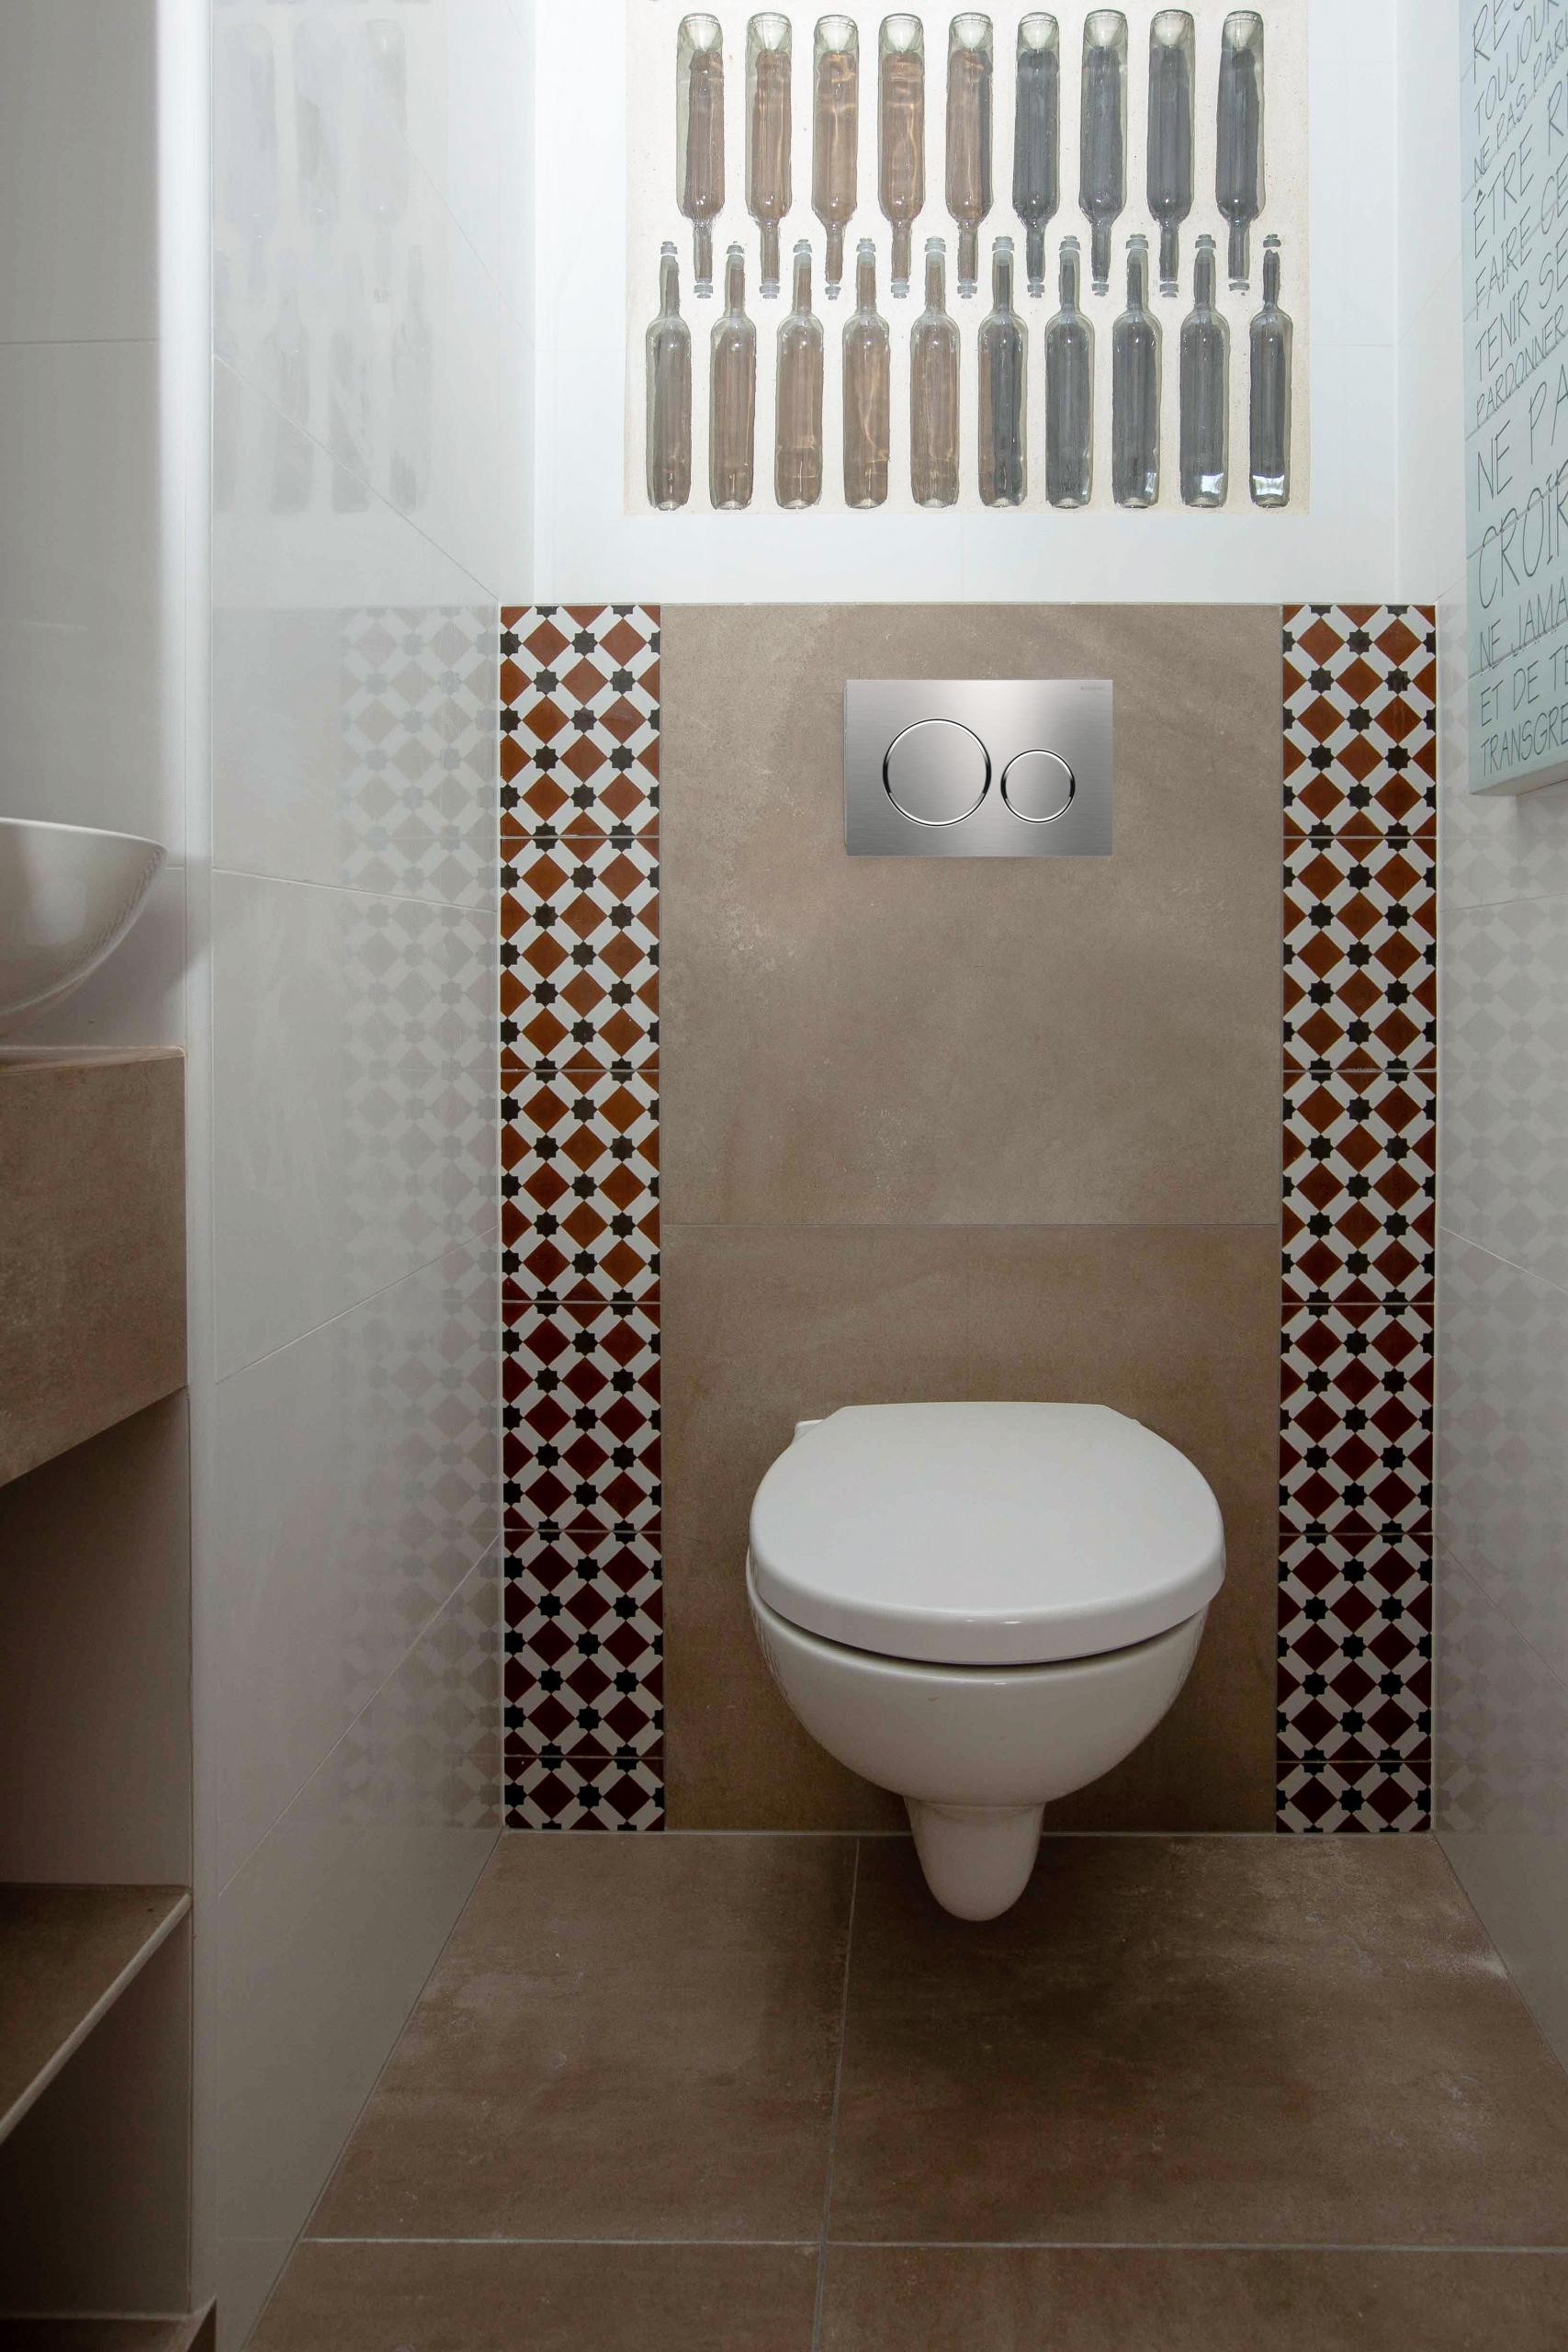 wc suspendu cloison verre transparence lumière luminosité bouteilles carrelage andalou